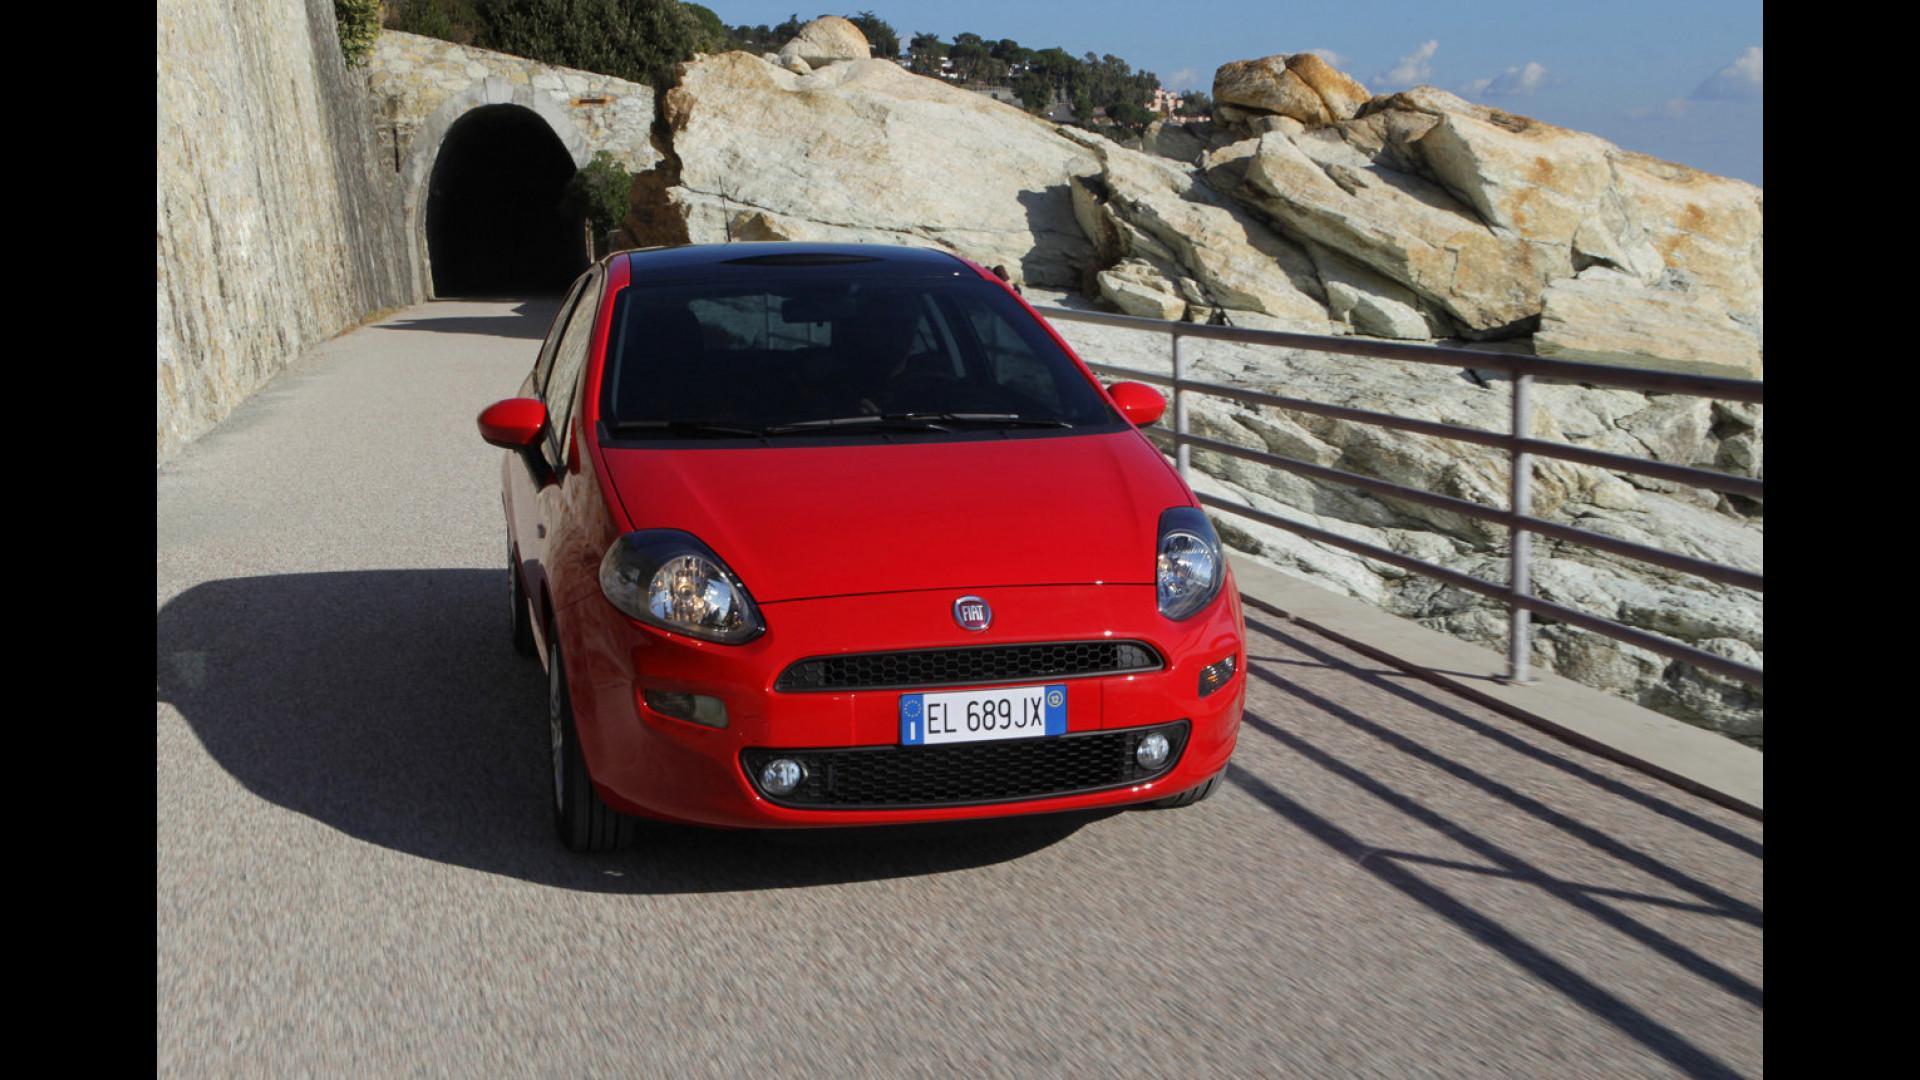 Fiat Punto 2012, votata alla pulizia on fiat 500 abarth, fiat bravo, fiat marea, fiat seicento, fiat barchetta, fiat 500l, fiat 500 turbo, fiat cars, fiat cinquecento, fiat coupe, fiat doblo, fiat linea, fiat ritmo, fiat panda, fiat stilo, fiat multipla, fiat x1/9, fiat spider,